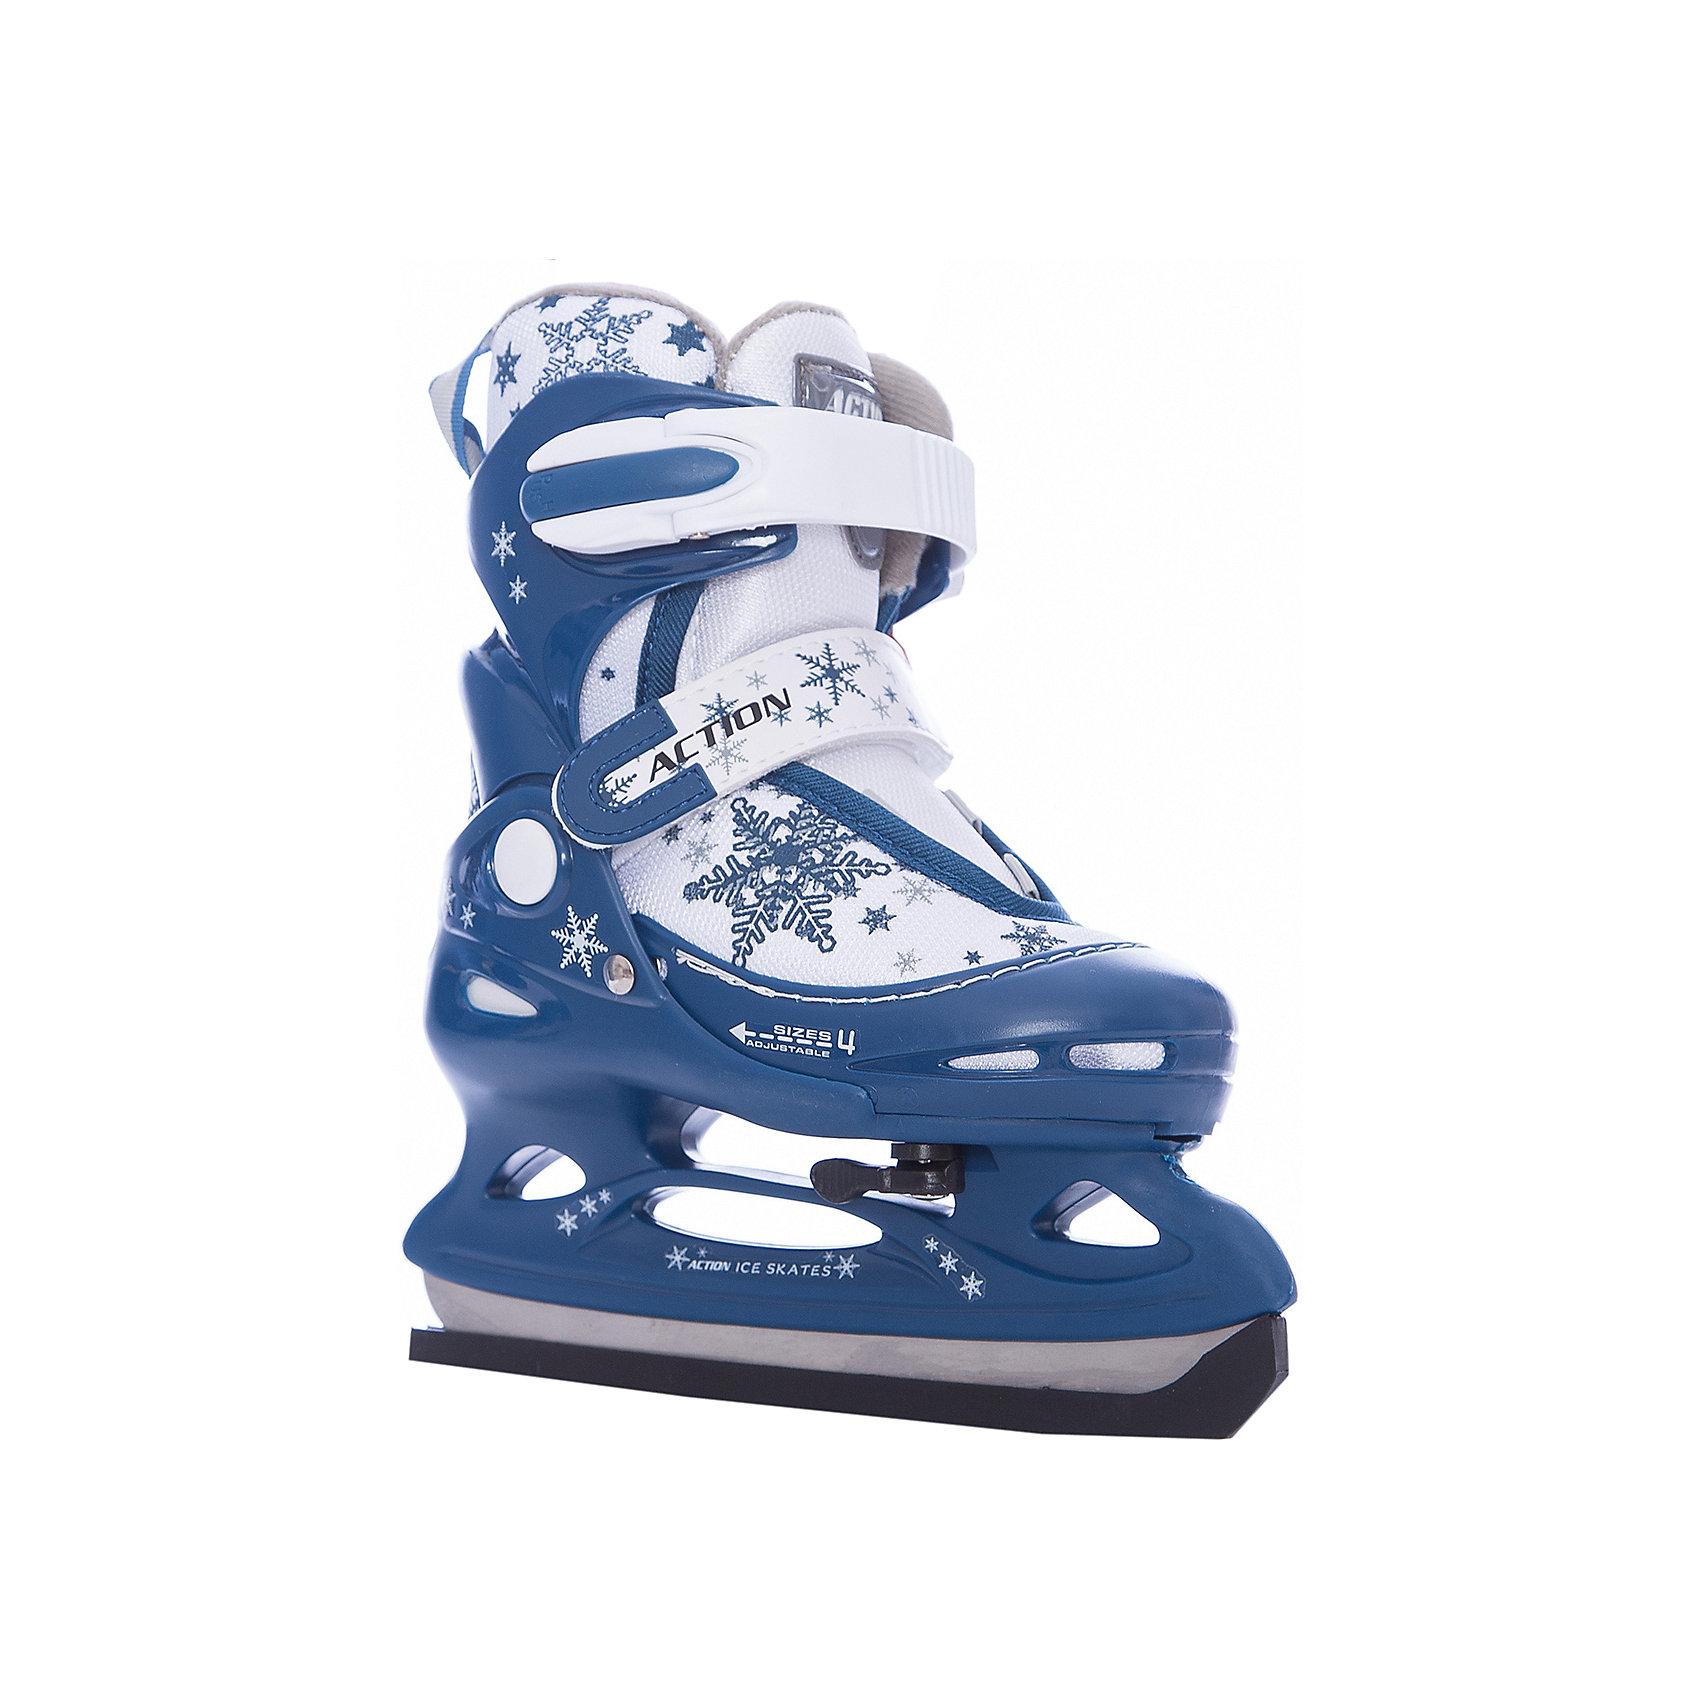 Коньки ледовые раздвижные PW-211F-2, темно-синий/белый